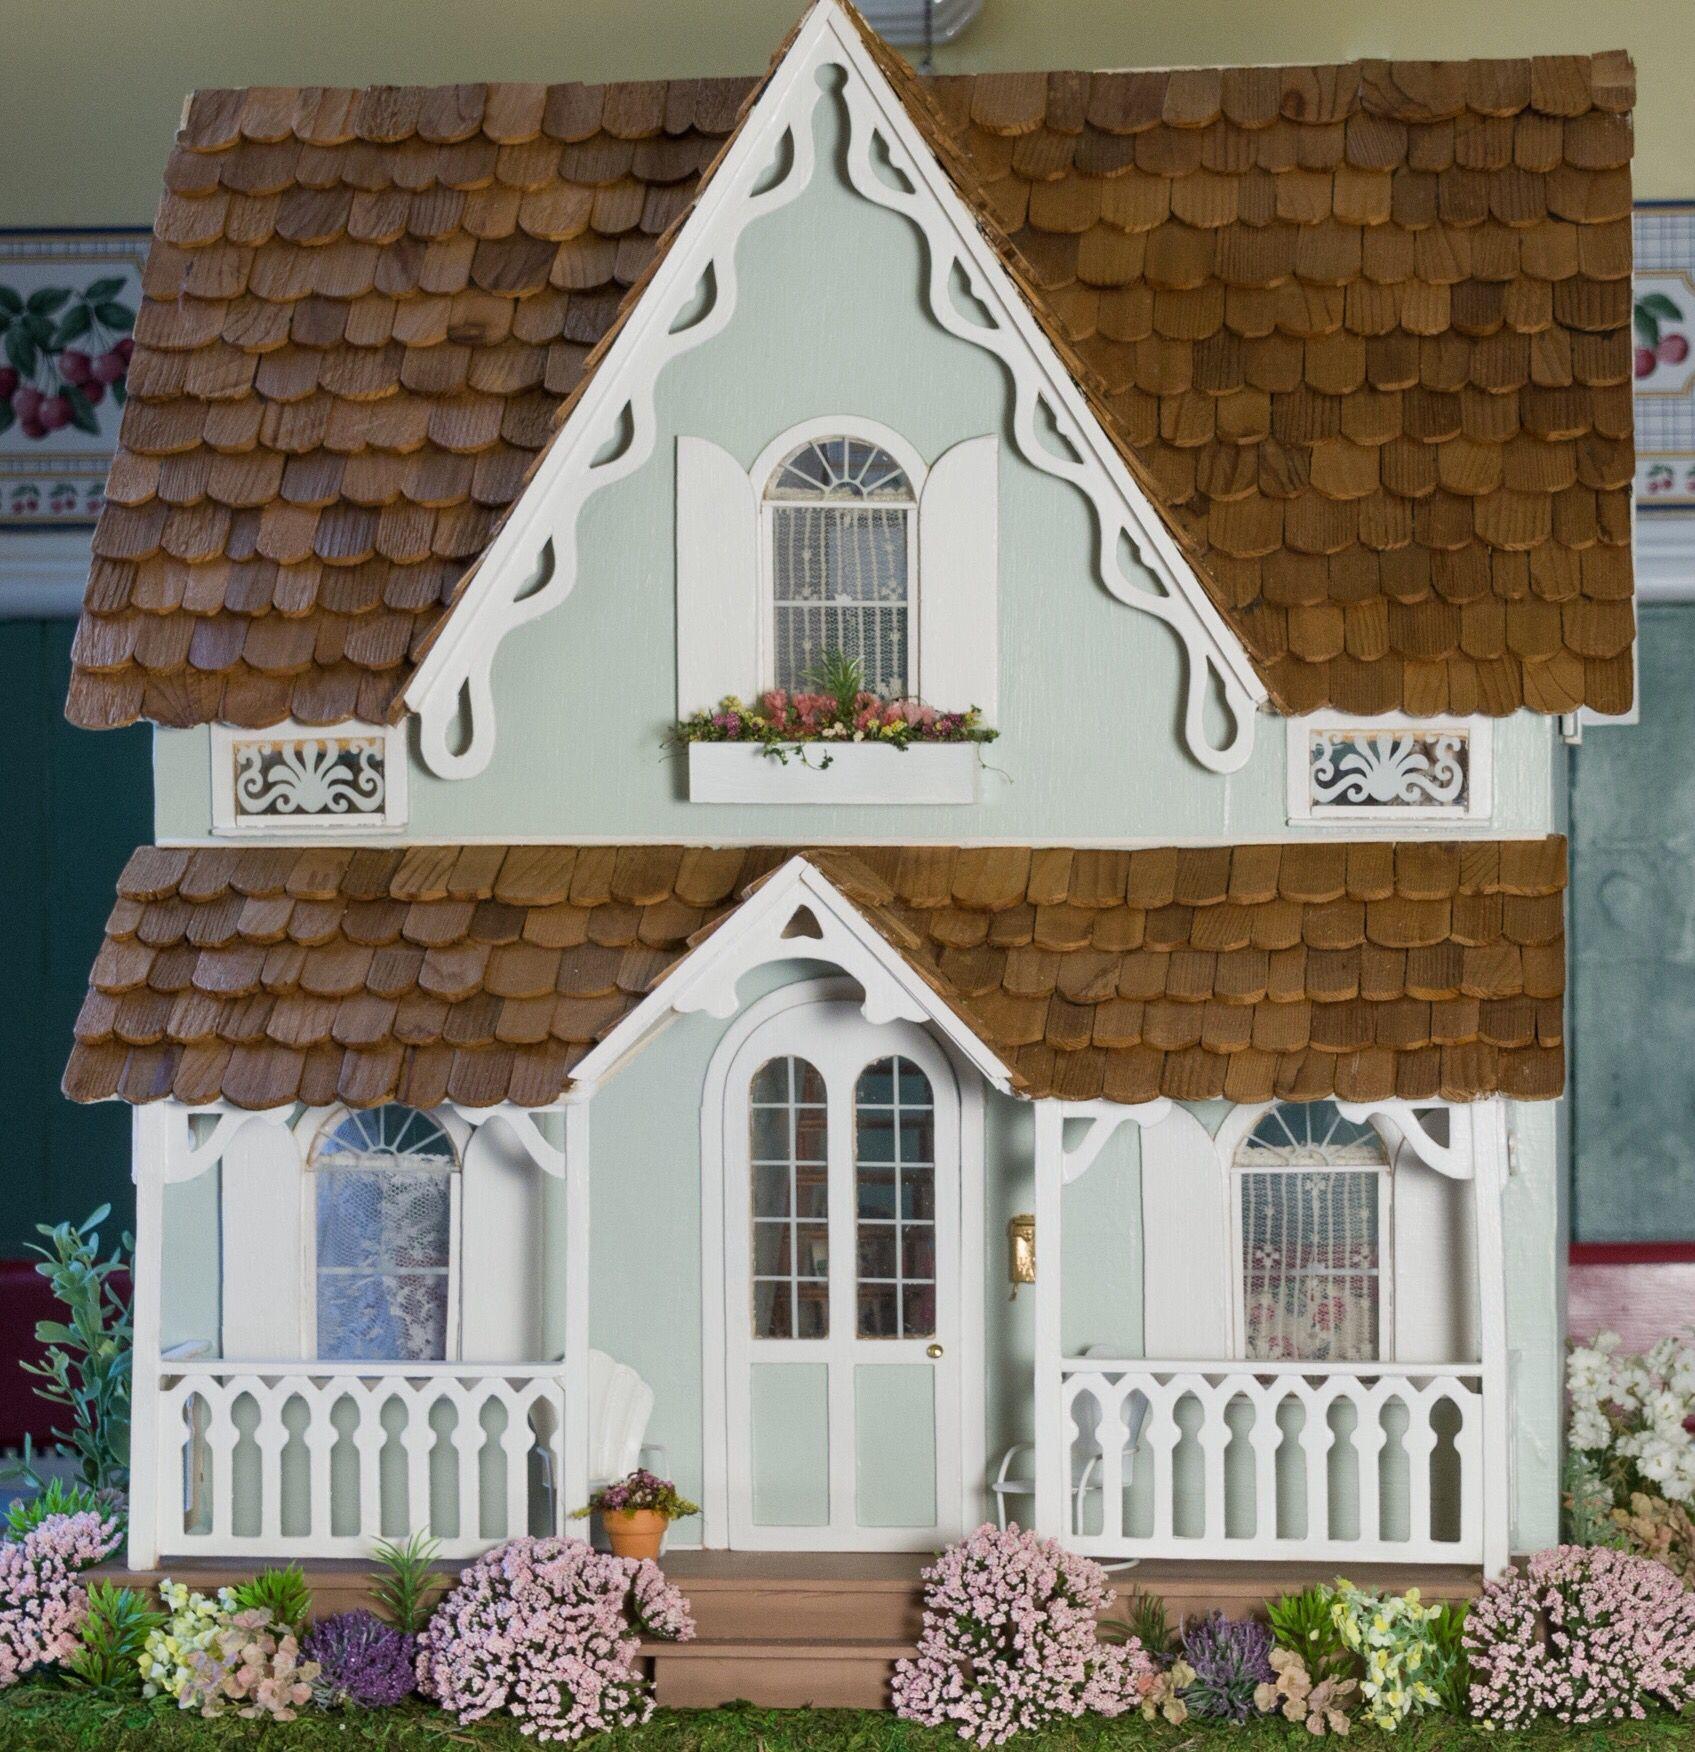 Arthur exterior my dollhouses pinterest dolls dollhouse miniatures and miniatures for Dolls house exterior decoration